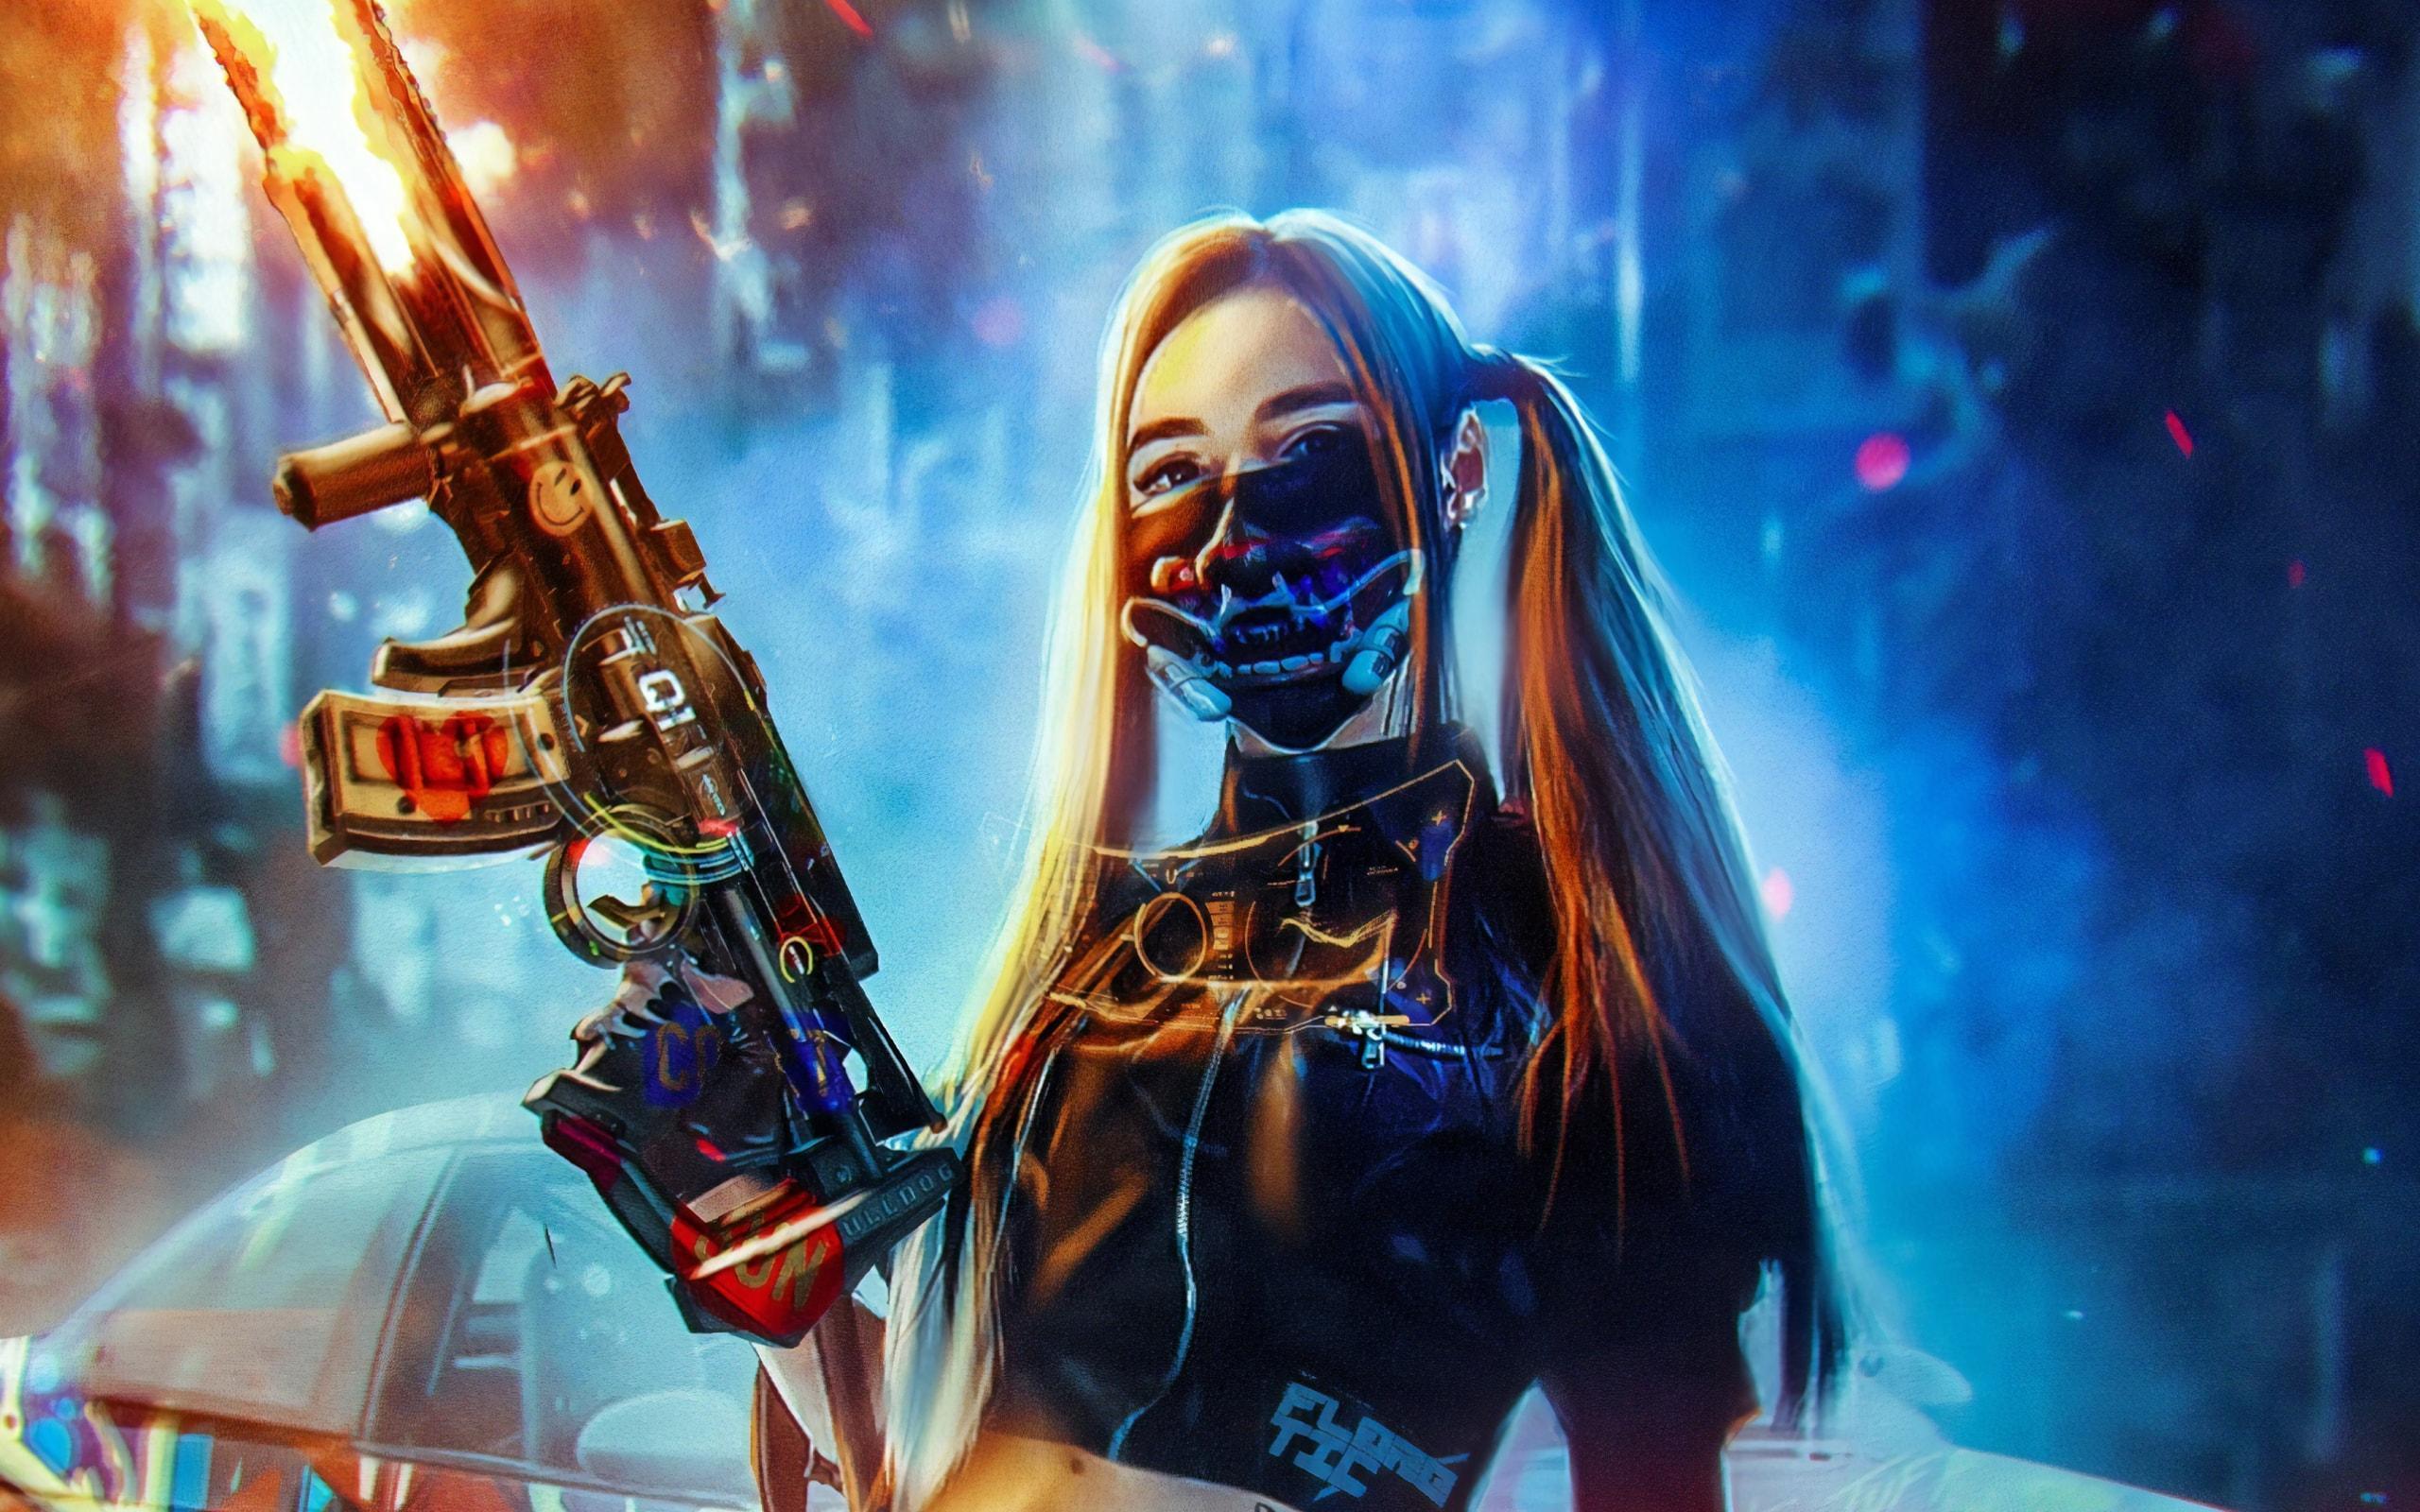 Cyberpunk Girl Wallpapers - Wallpaper Cave